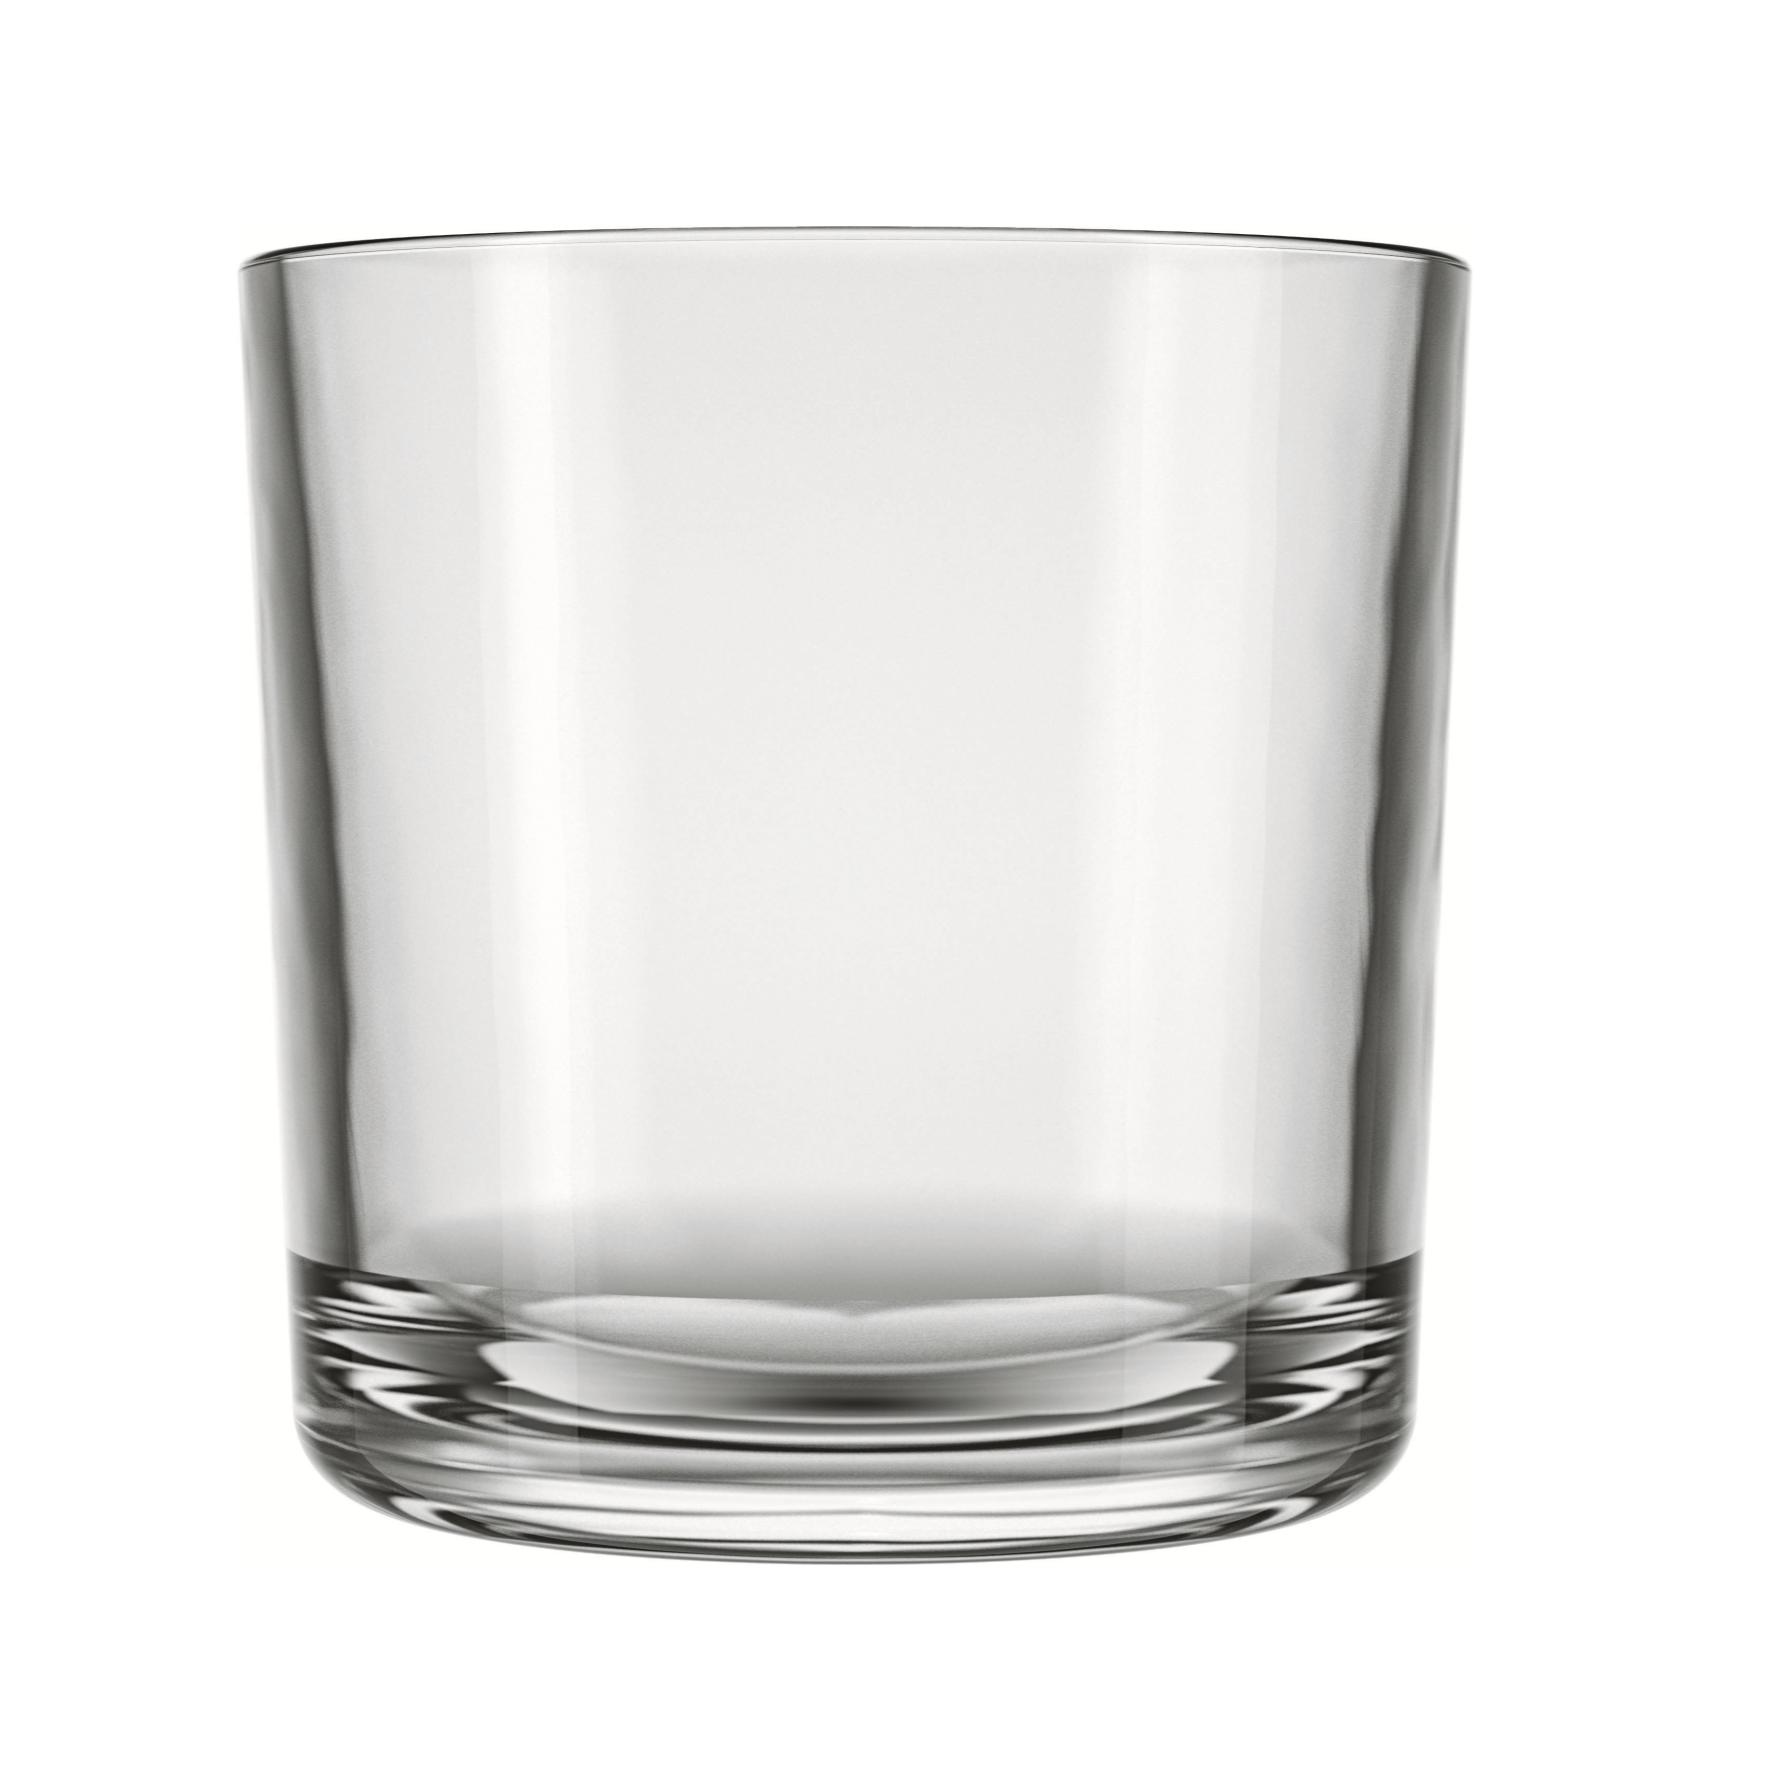 Copo de Whisky Rocks de Vidro 265ml Transparente - Nadir